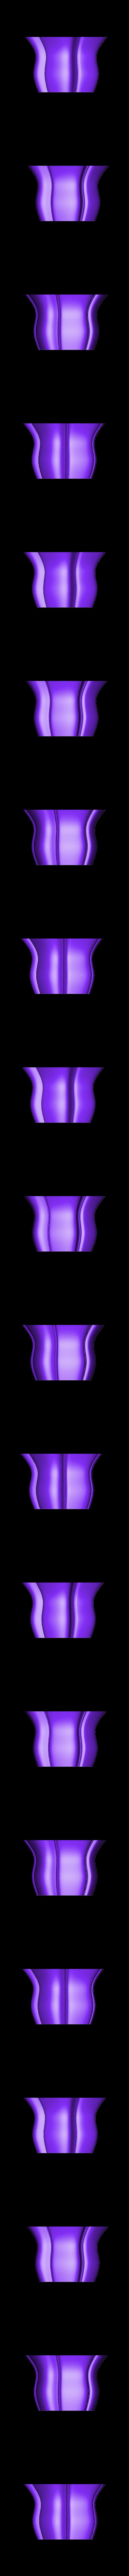 wave1.stl Télécharger fichier STL gratuit vase avec des roses • Design imprimable en 3D, Hazon_Maker